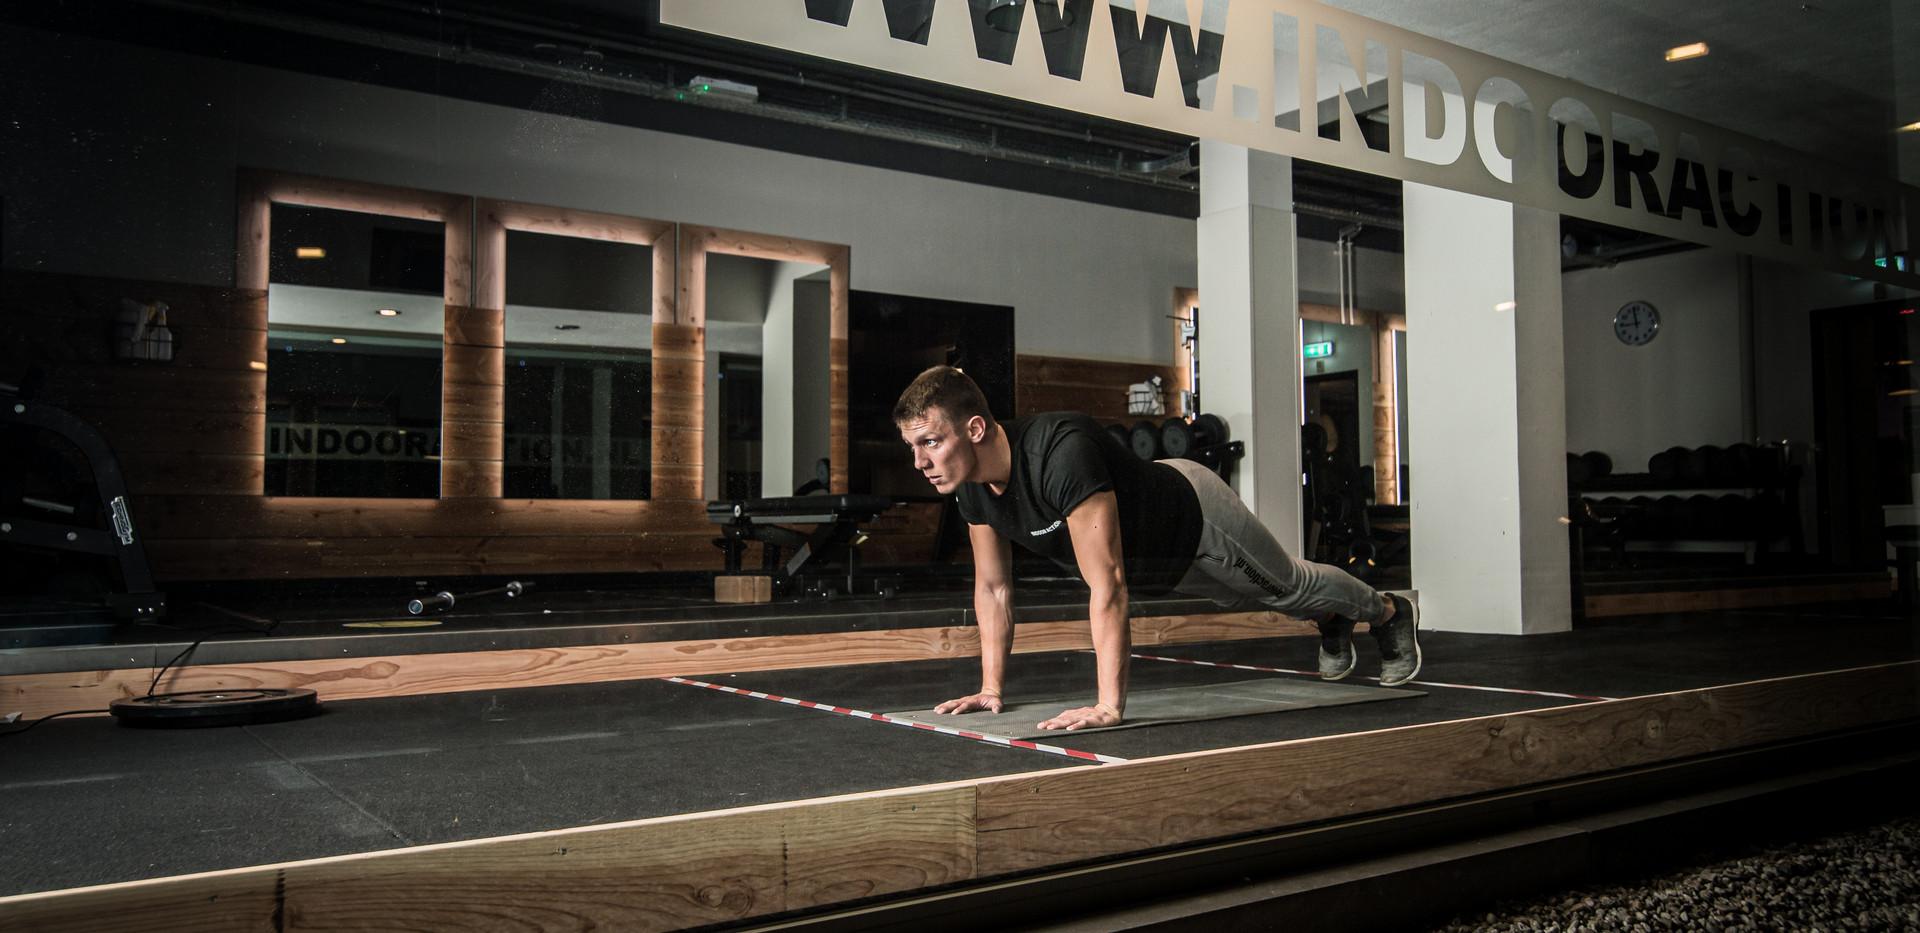 Indoor-Action-Groepsfoto-41.jpg